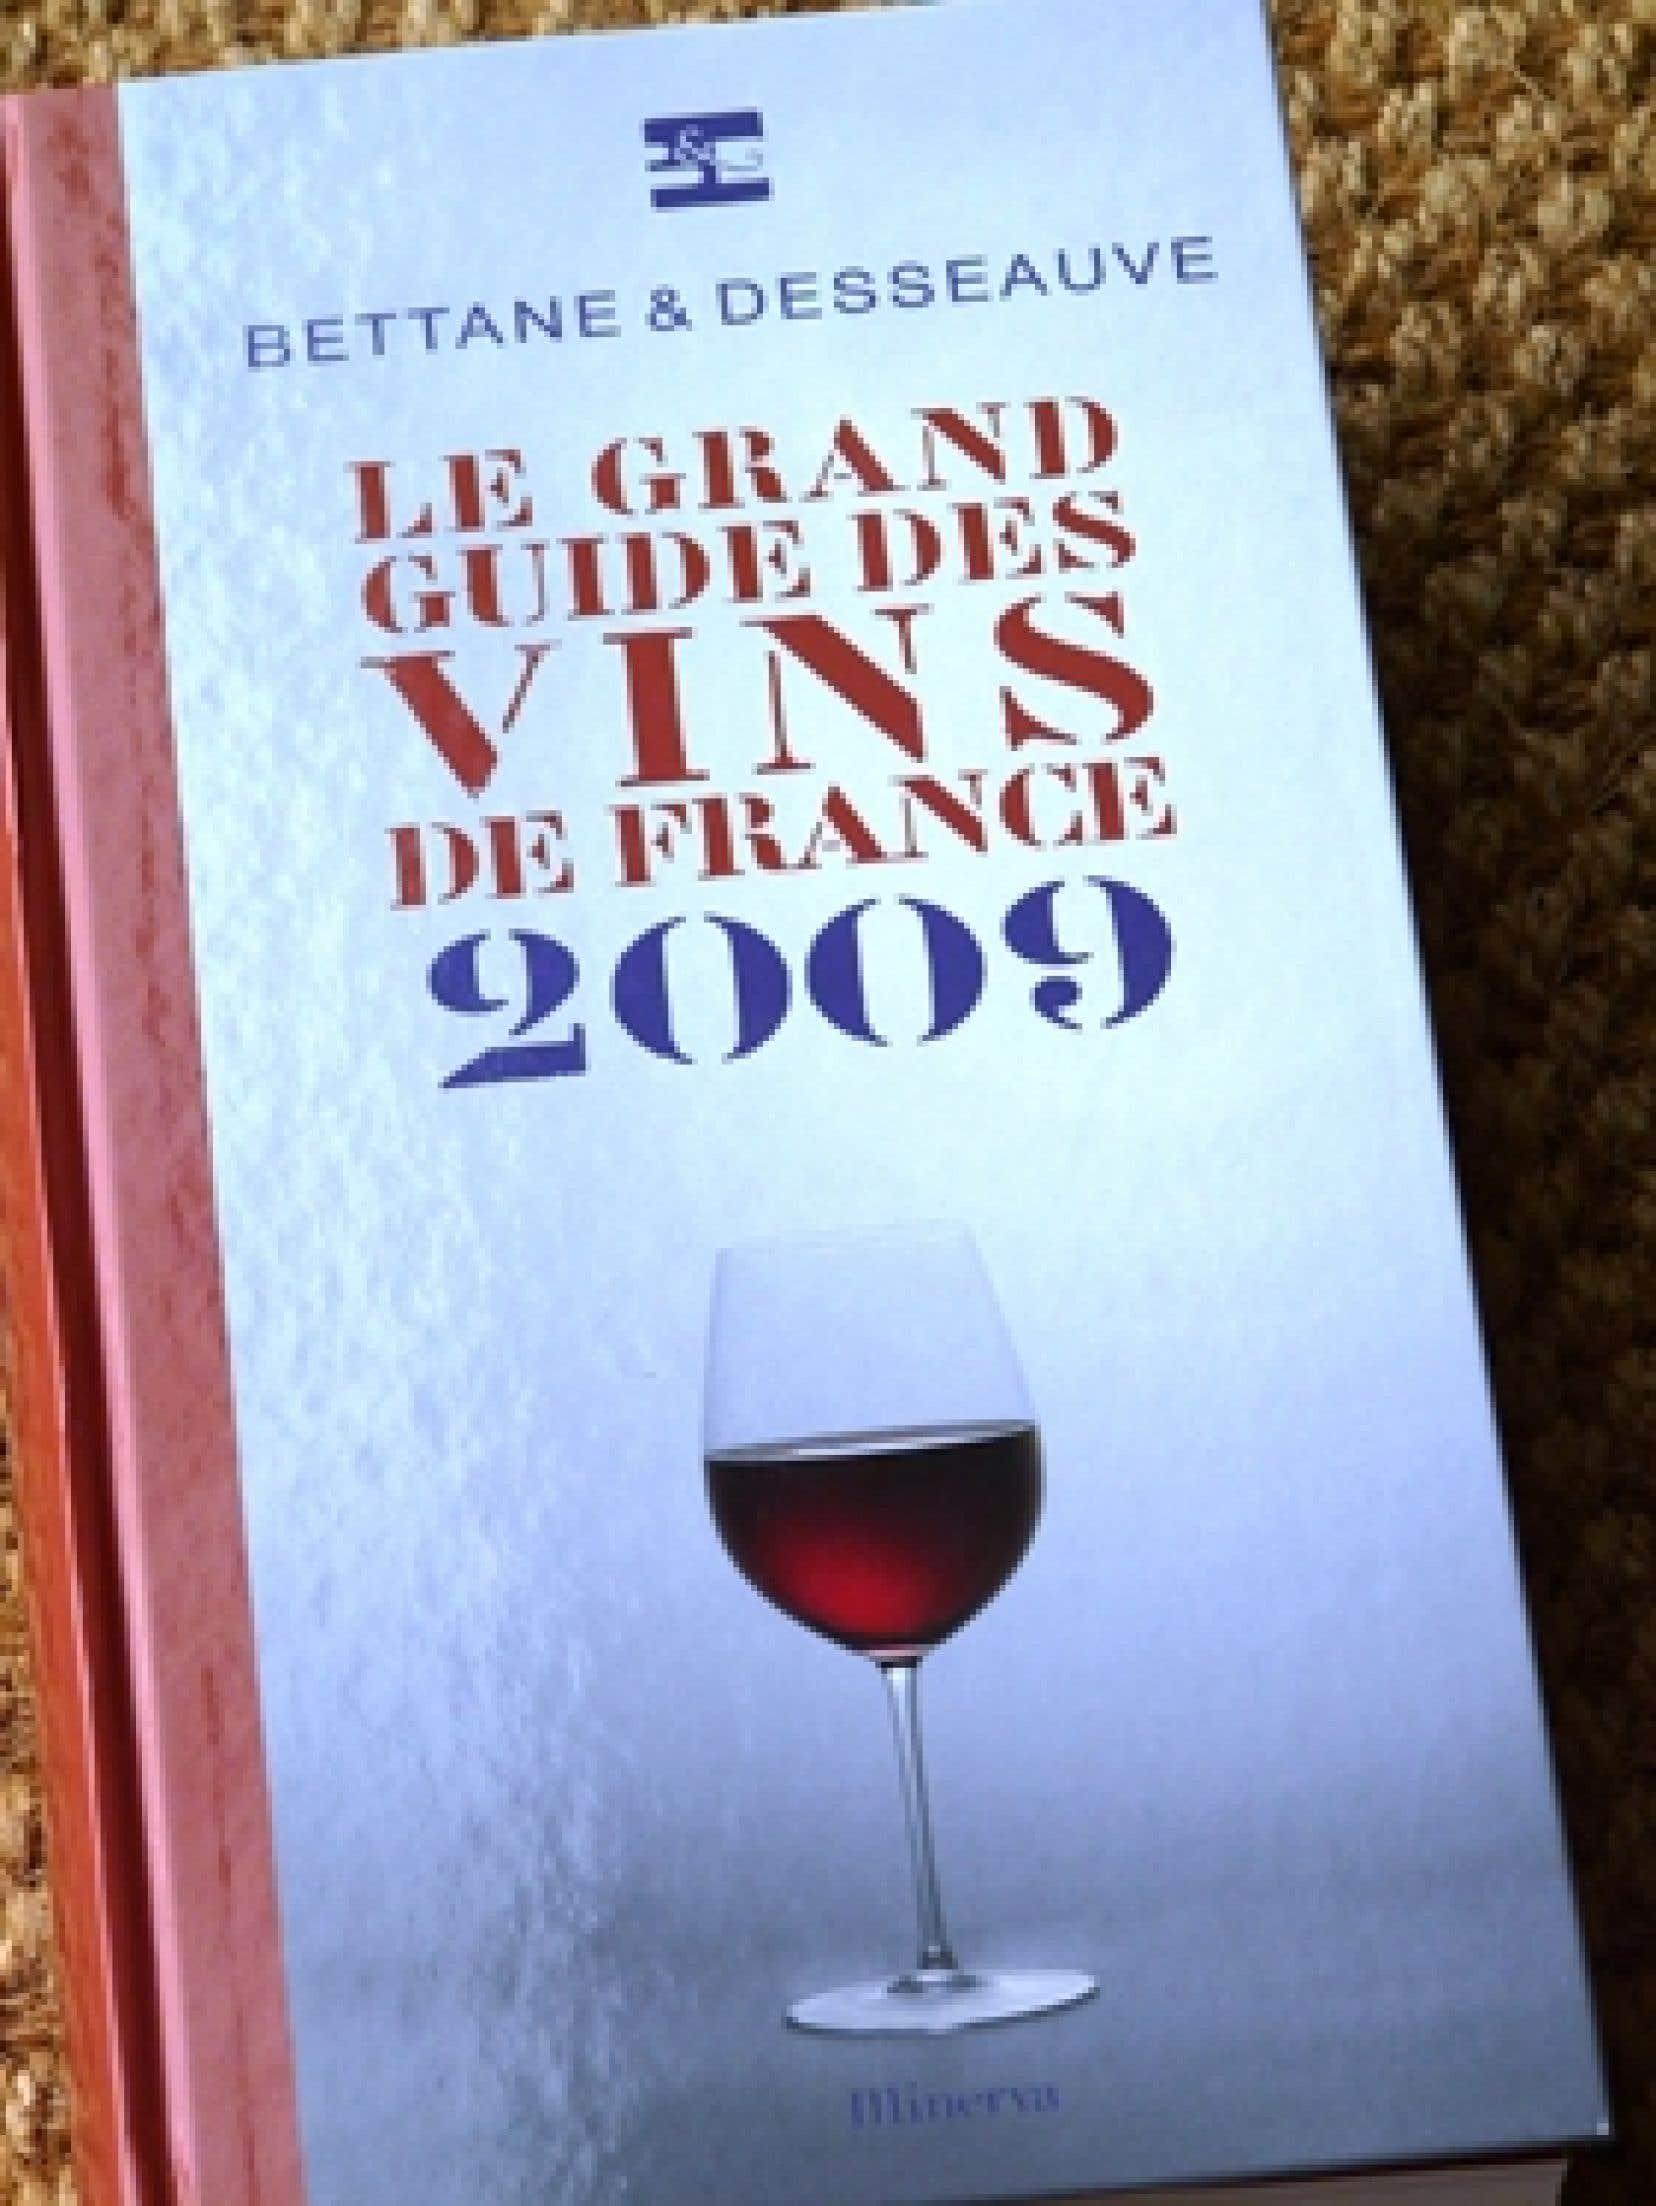 Dans la deuxième édition du Grand Guide des Vins de France 2009, du tandem Bettane & Desseauve (Éditions Minerva), on voit non seulement qu'ils sont les meilleurs ambassadeurs quand vient le temps de récompenser l'élite de la production de l'H